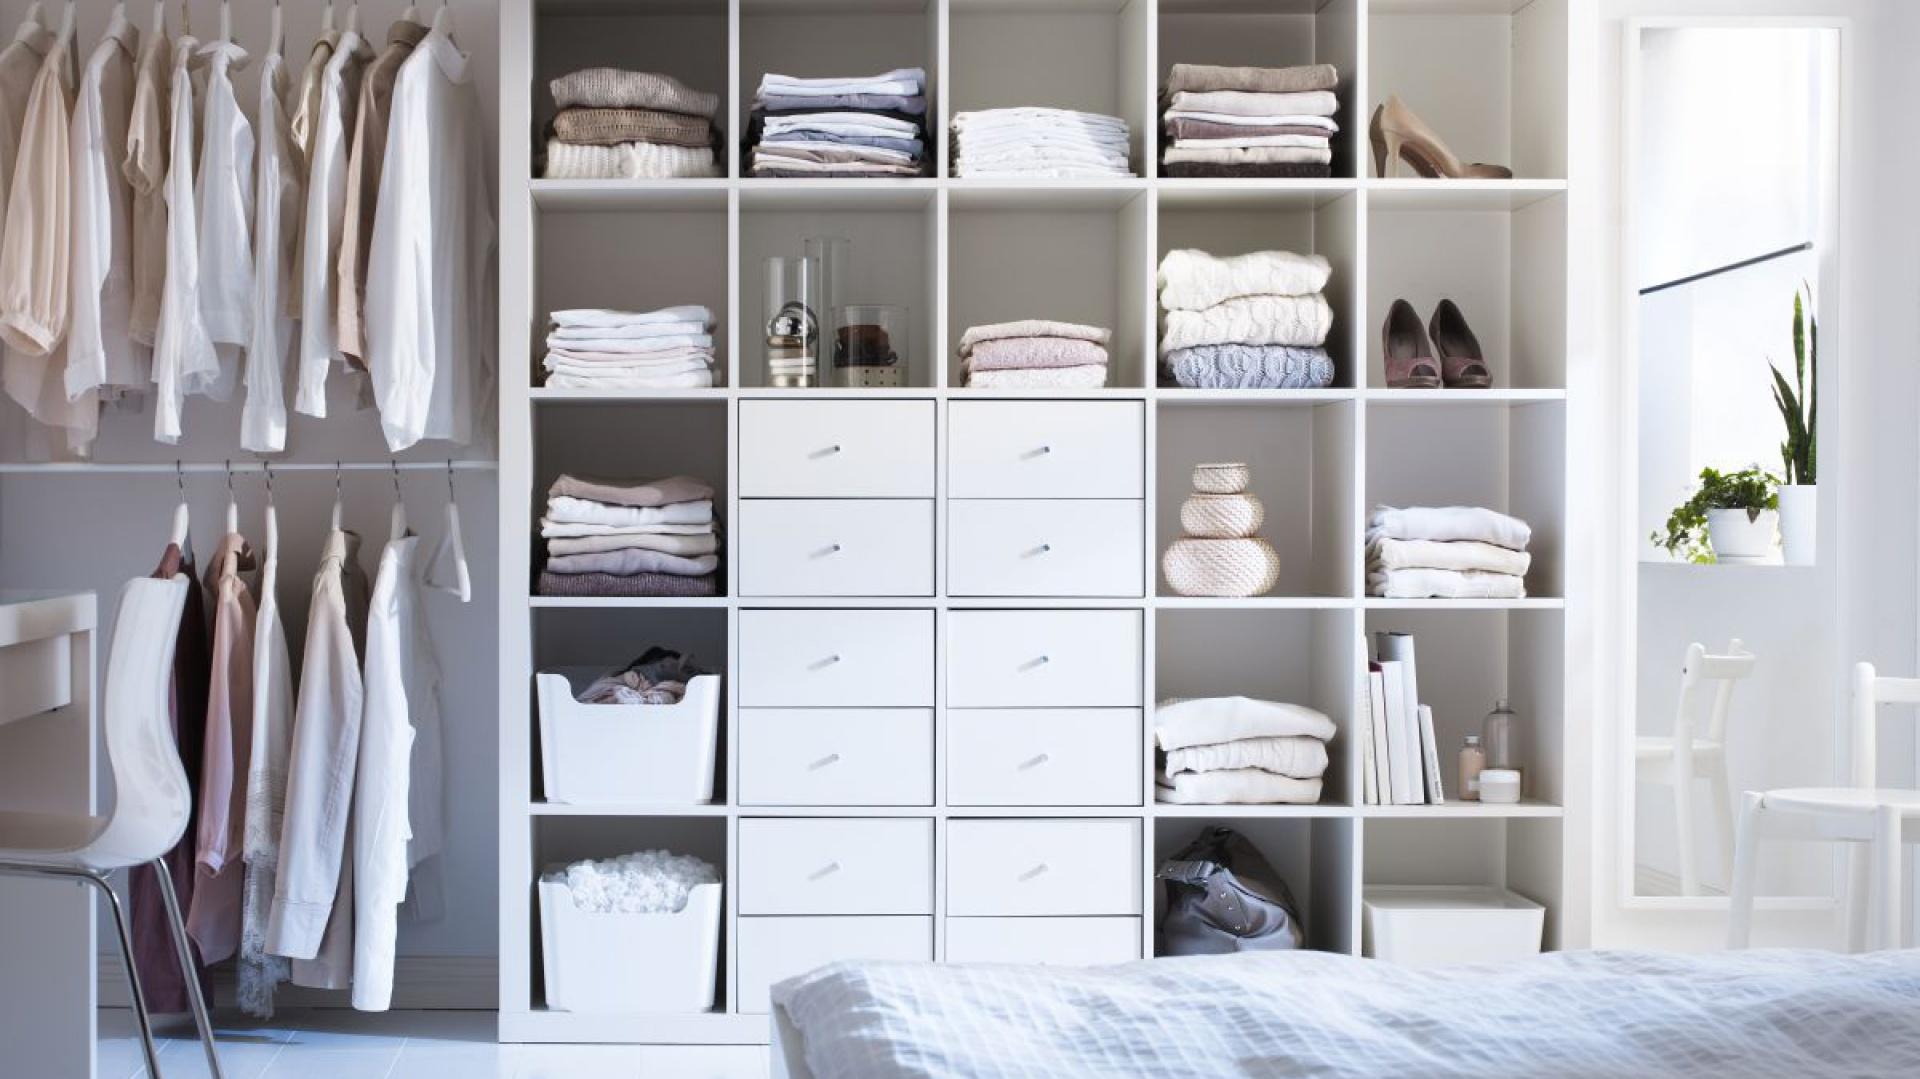 Garderob na mniejszej garderoba w sypialni tak for Master arredamento interni